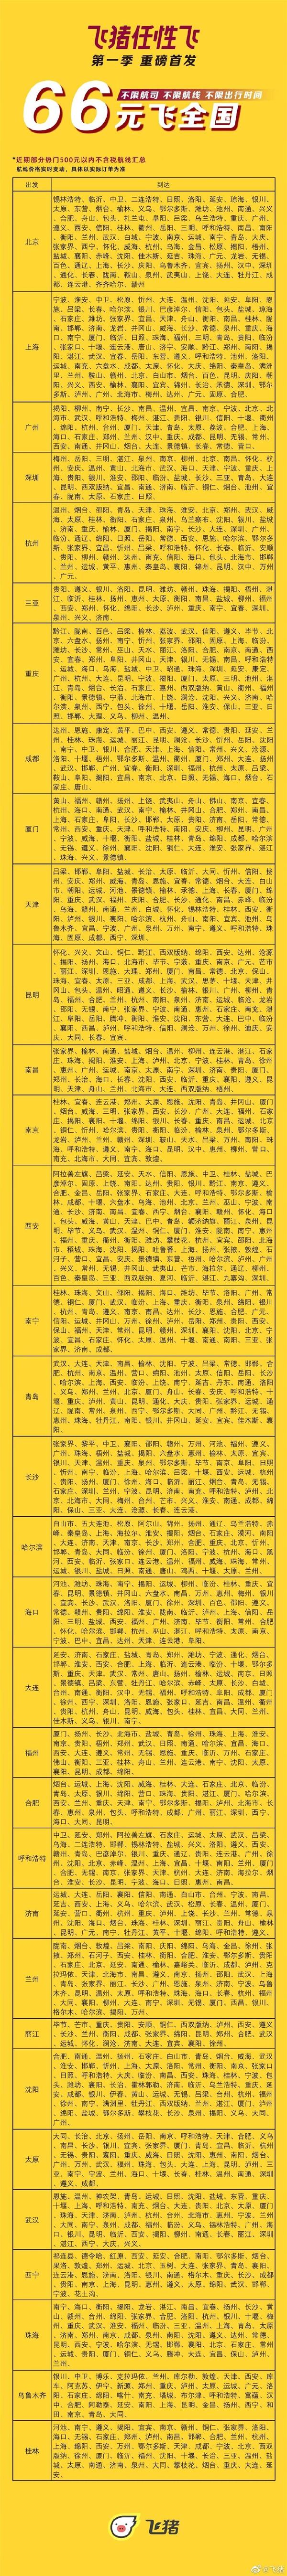 飞猪宣布推出任性飞:66元飞全国、不限航司/航线/时间